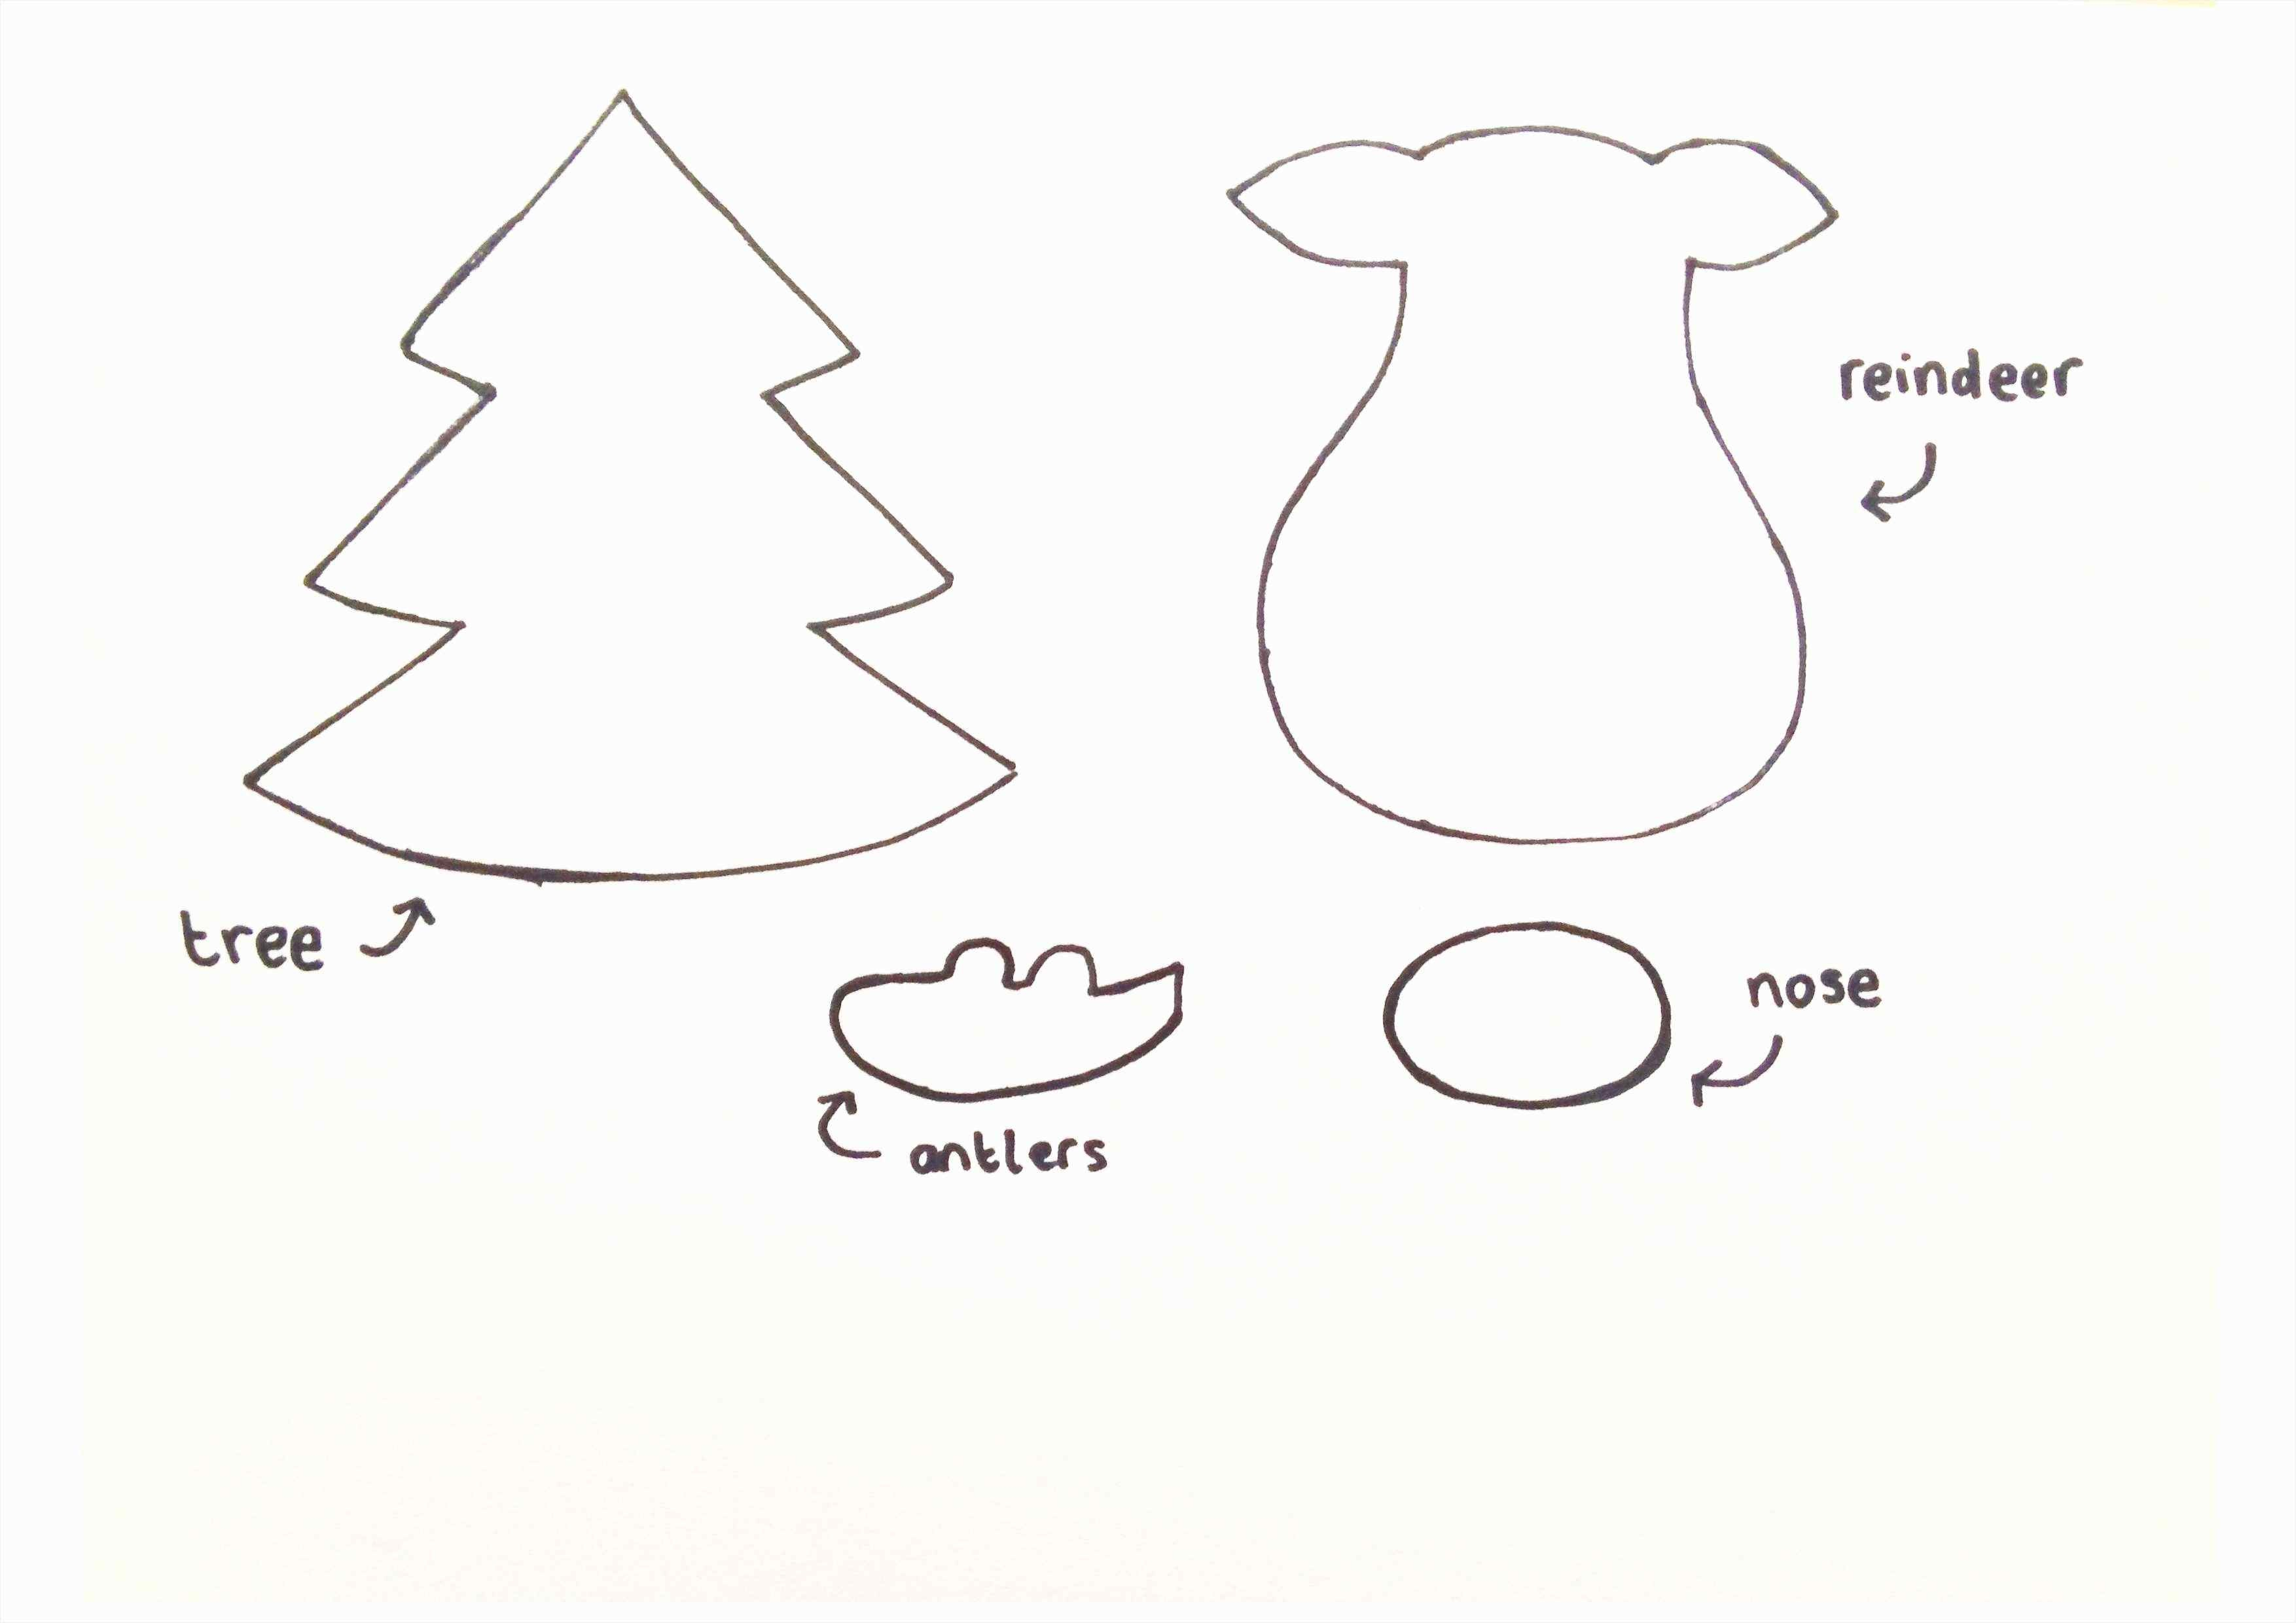 Reindeer Template | Tubidportal - Reindeer Antlers Template Free Printable